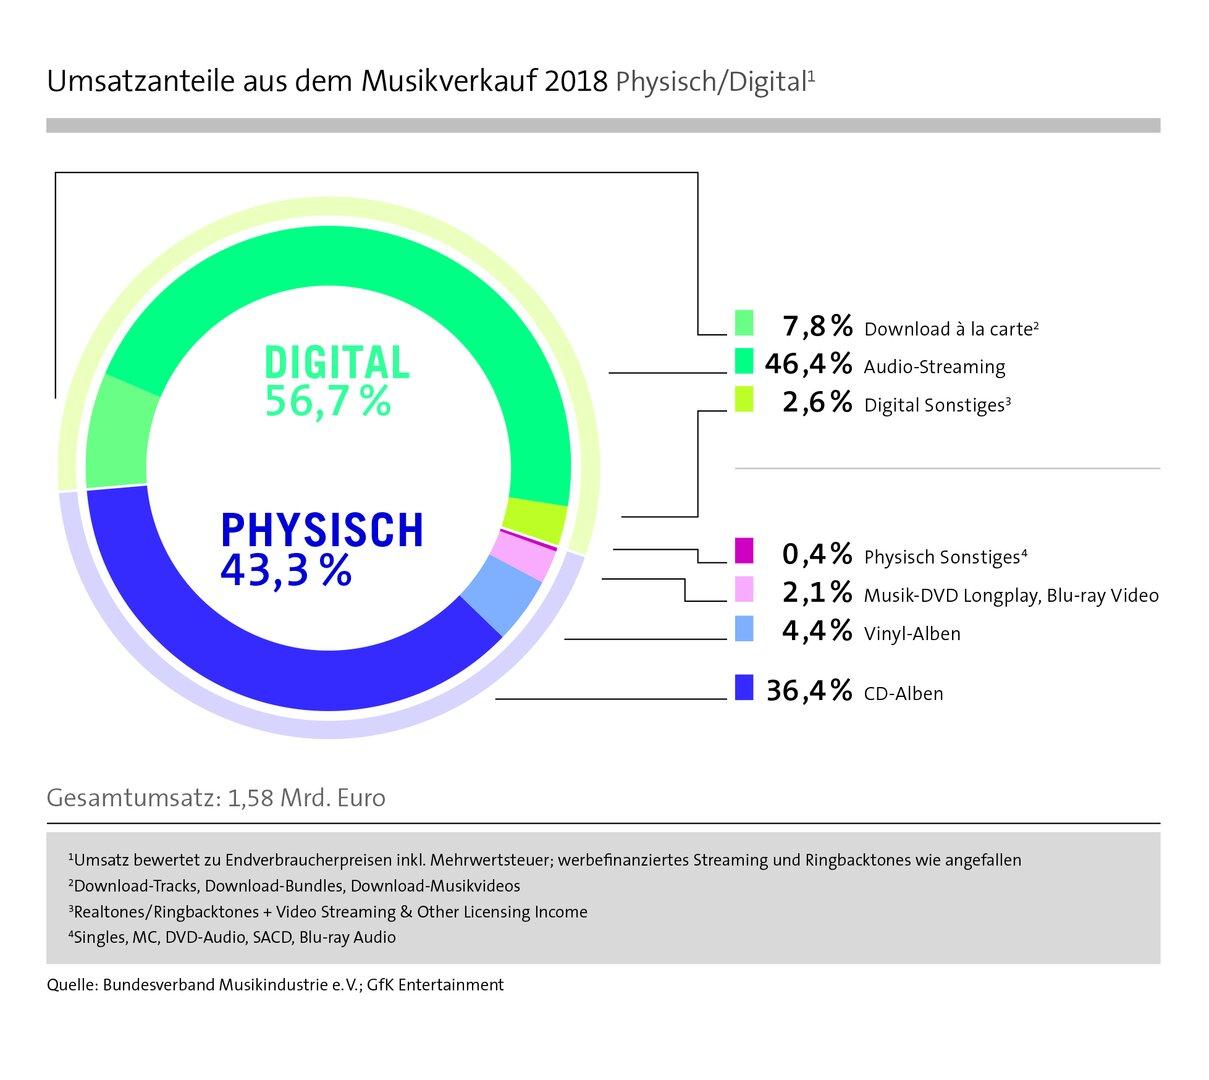 Umsatzanteile aus dem Musikverkauf Physisch/Digital 2018